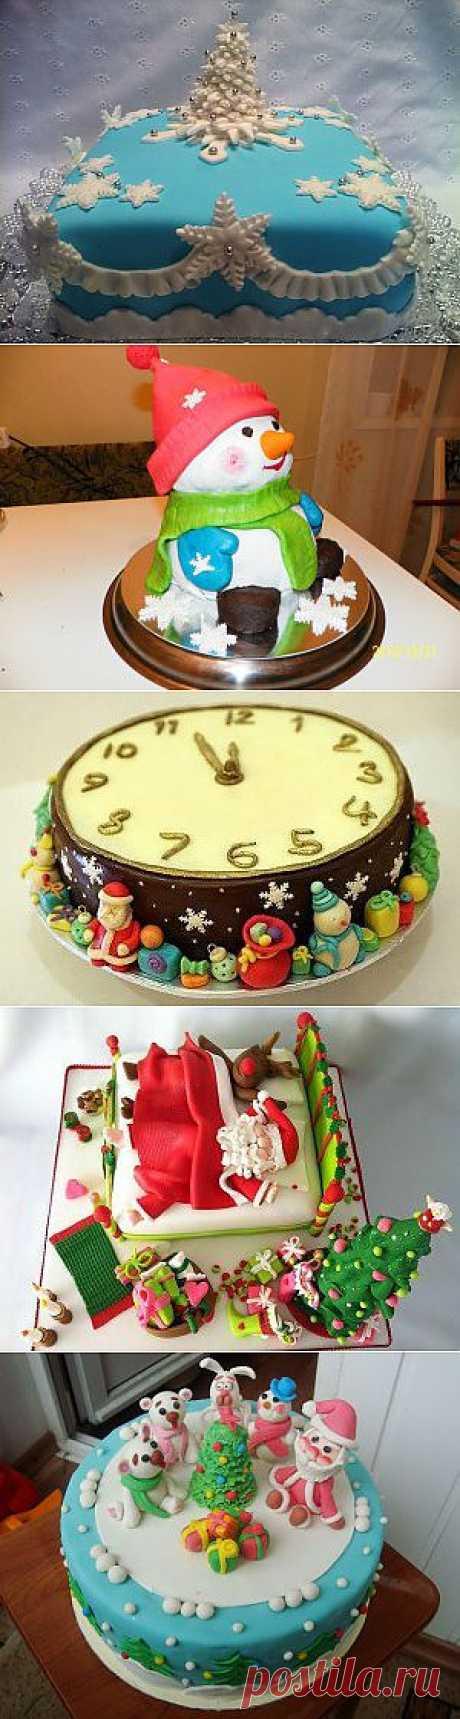 Торт на новый год - Вкусные рецепты что приготовить быстро